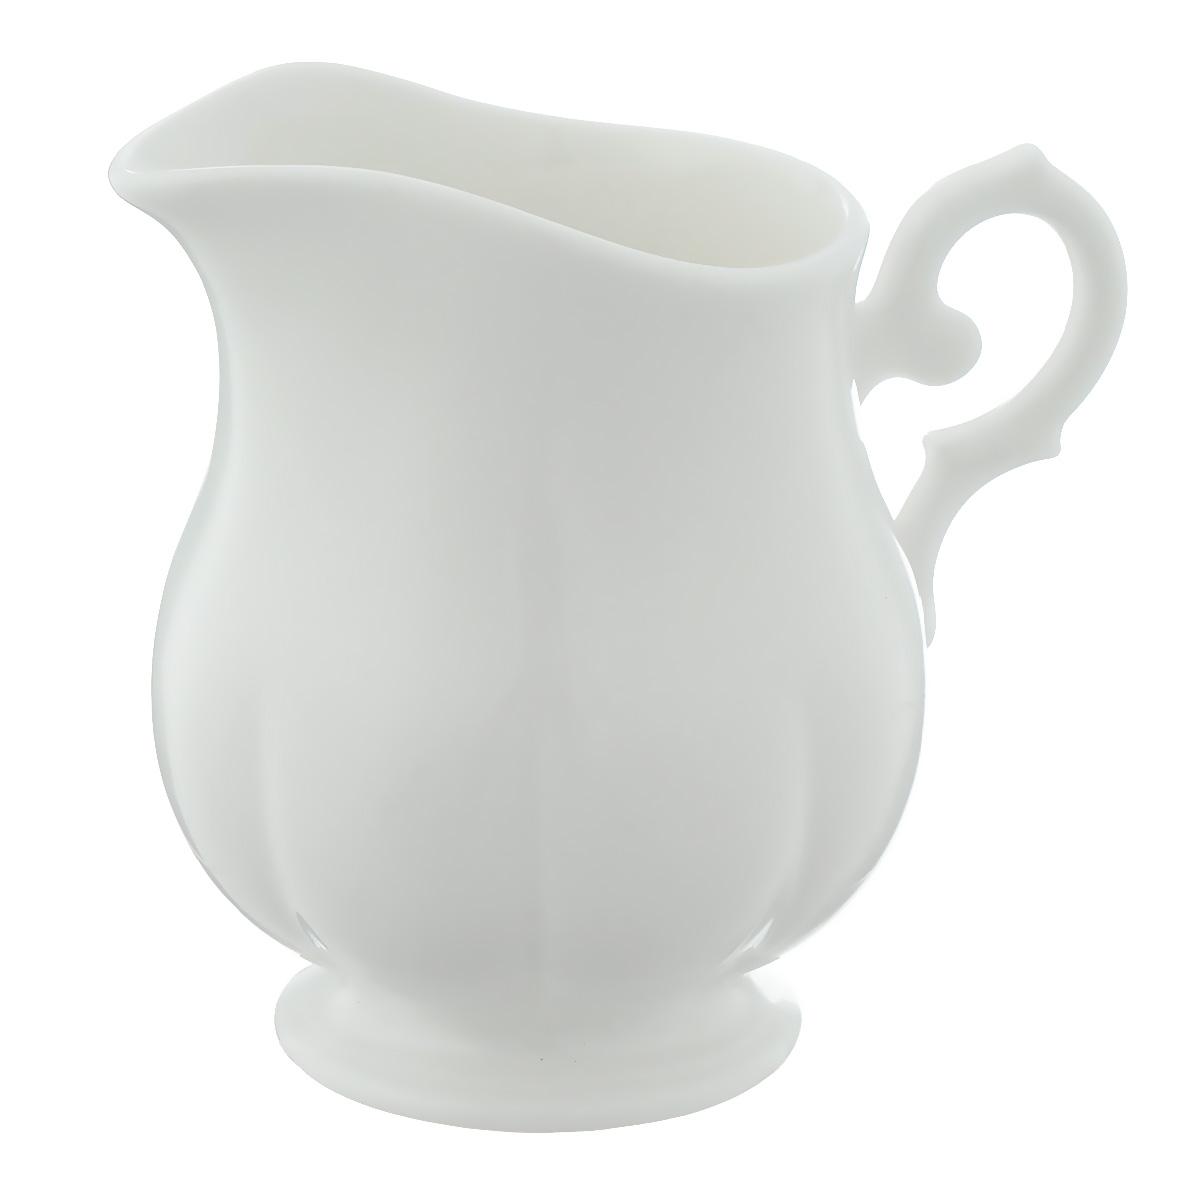 Сливочник Royal Porcelain White, цвет: белый, 250 мл89ww/0322Сливочник Royal Porcelain White выполнен из высококачественного костяного фарфора с содержанием костяной муки 45%. Изделие сочетает в себе изысканный вид с прочностью и долговечностью. Эксклюзивный дизайн, эстетичность и функциональность сливочника сделает его незаменимым на любой кухне.Размер по верхнему краю: 7,5 см х 6 см.Высота: 9,5 см.Объем: 250 мл.